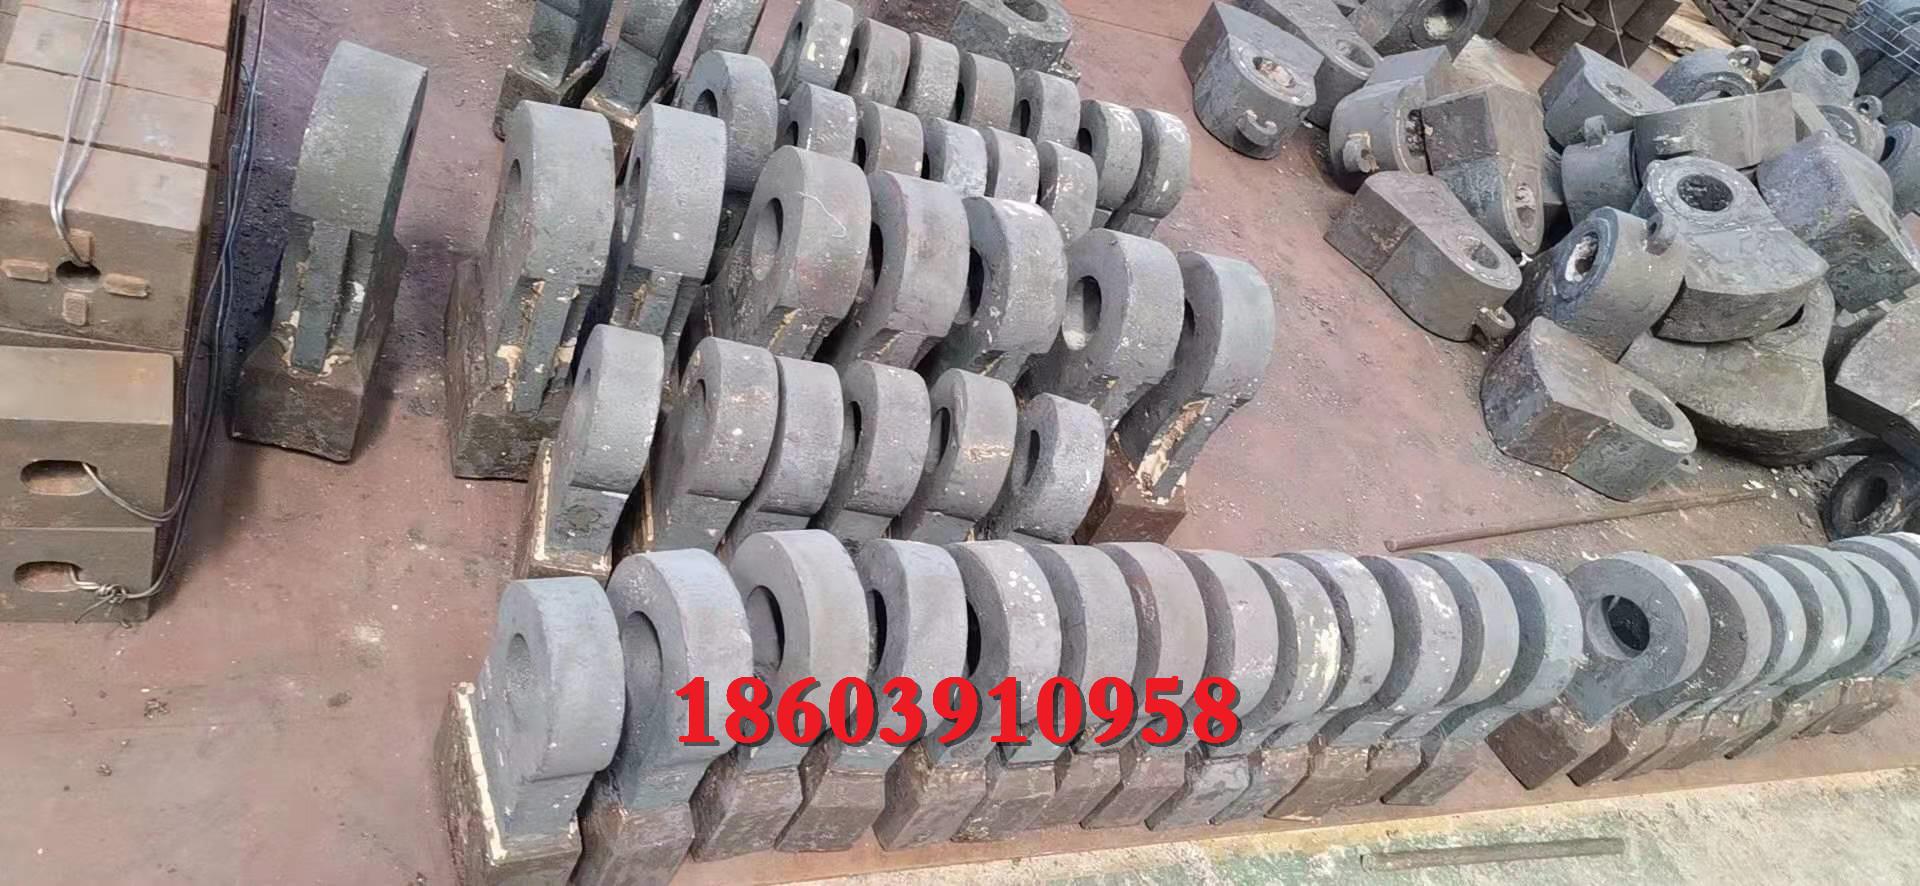 提供双液合金耐磨锤头、高铬锤头、破碎机配件及大型沙场配件